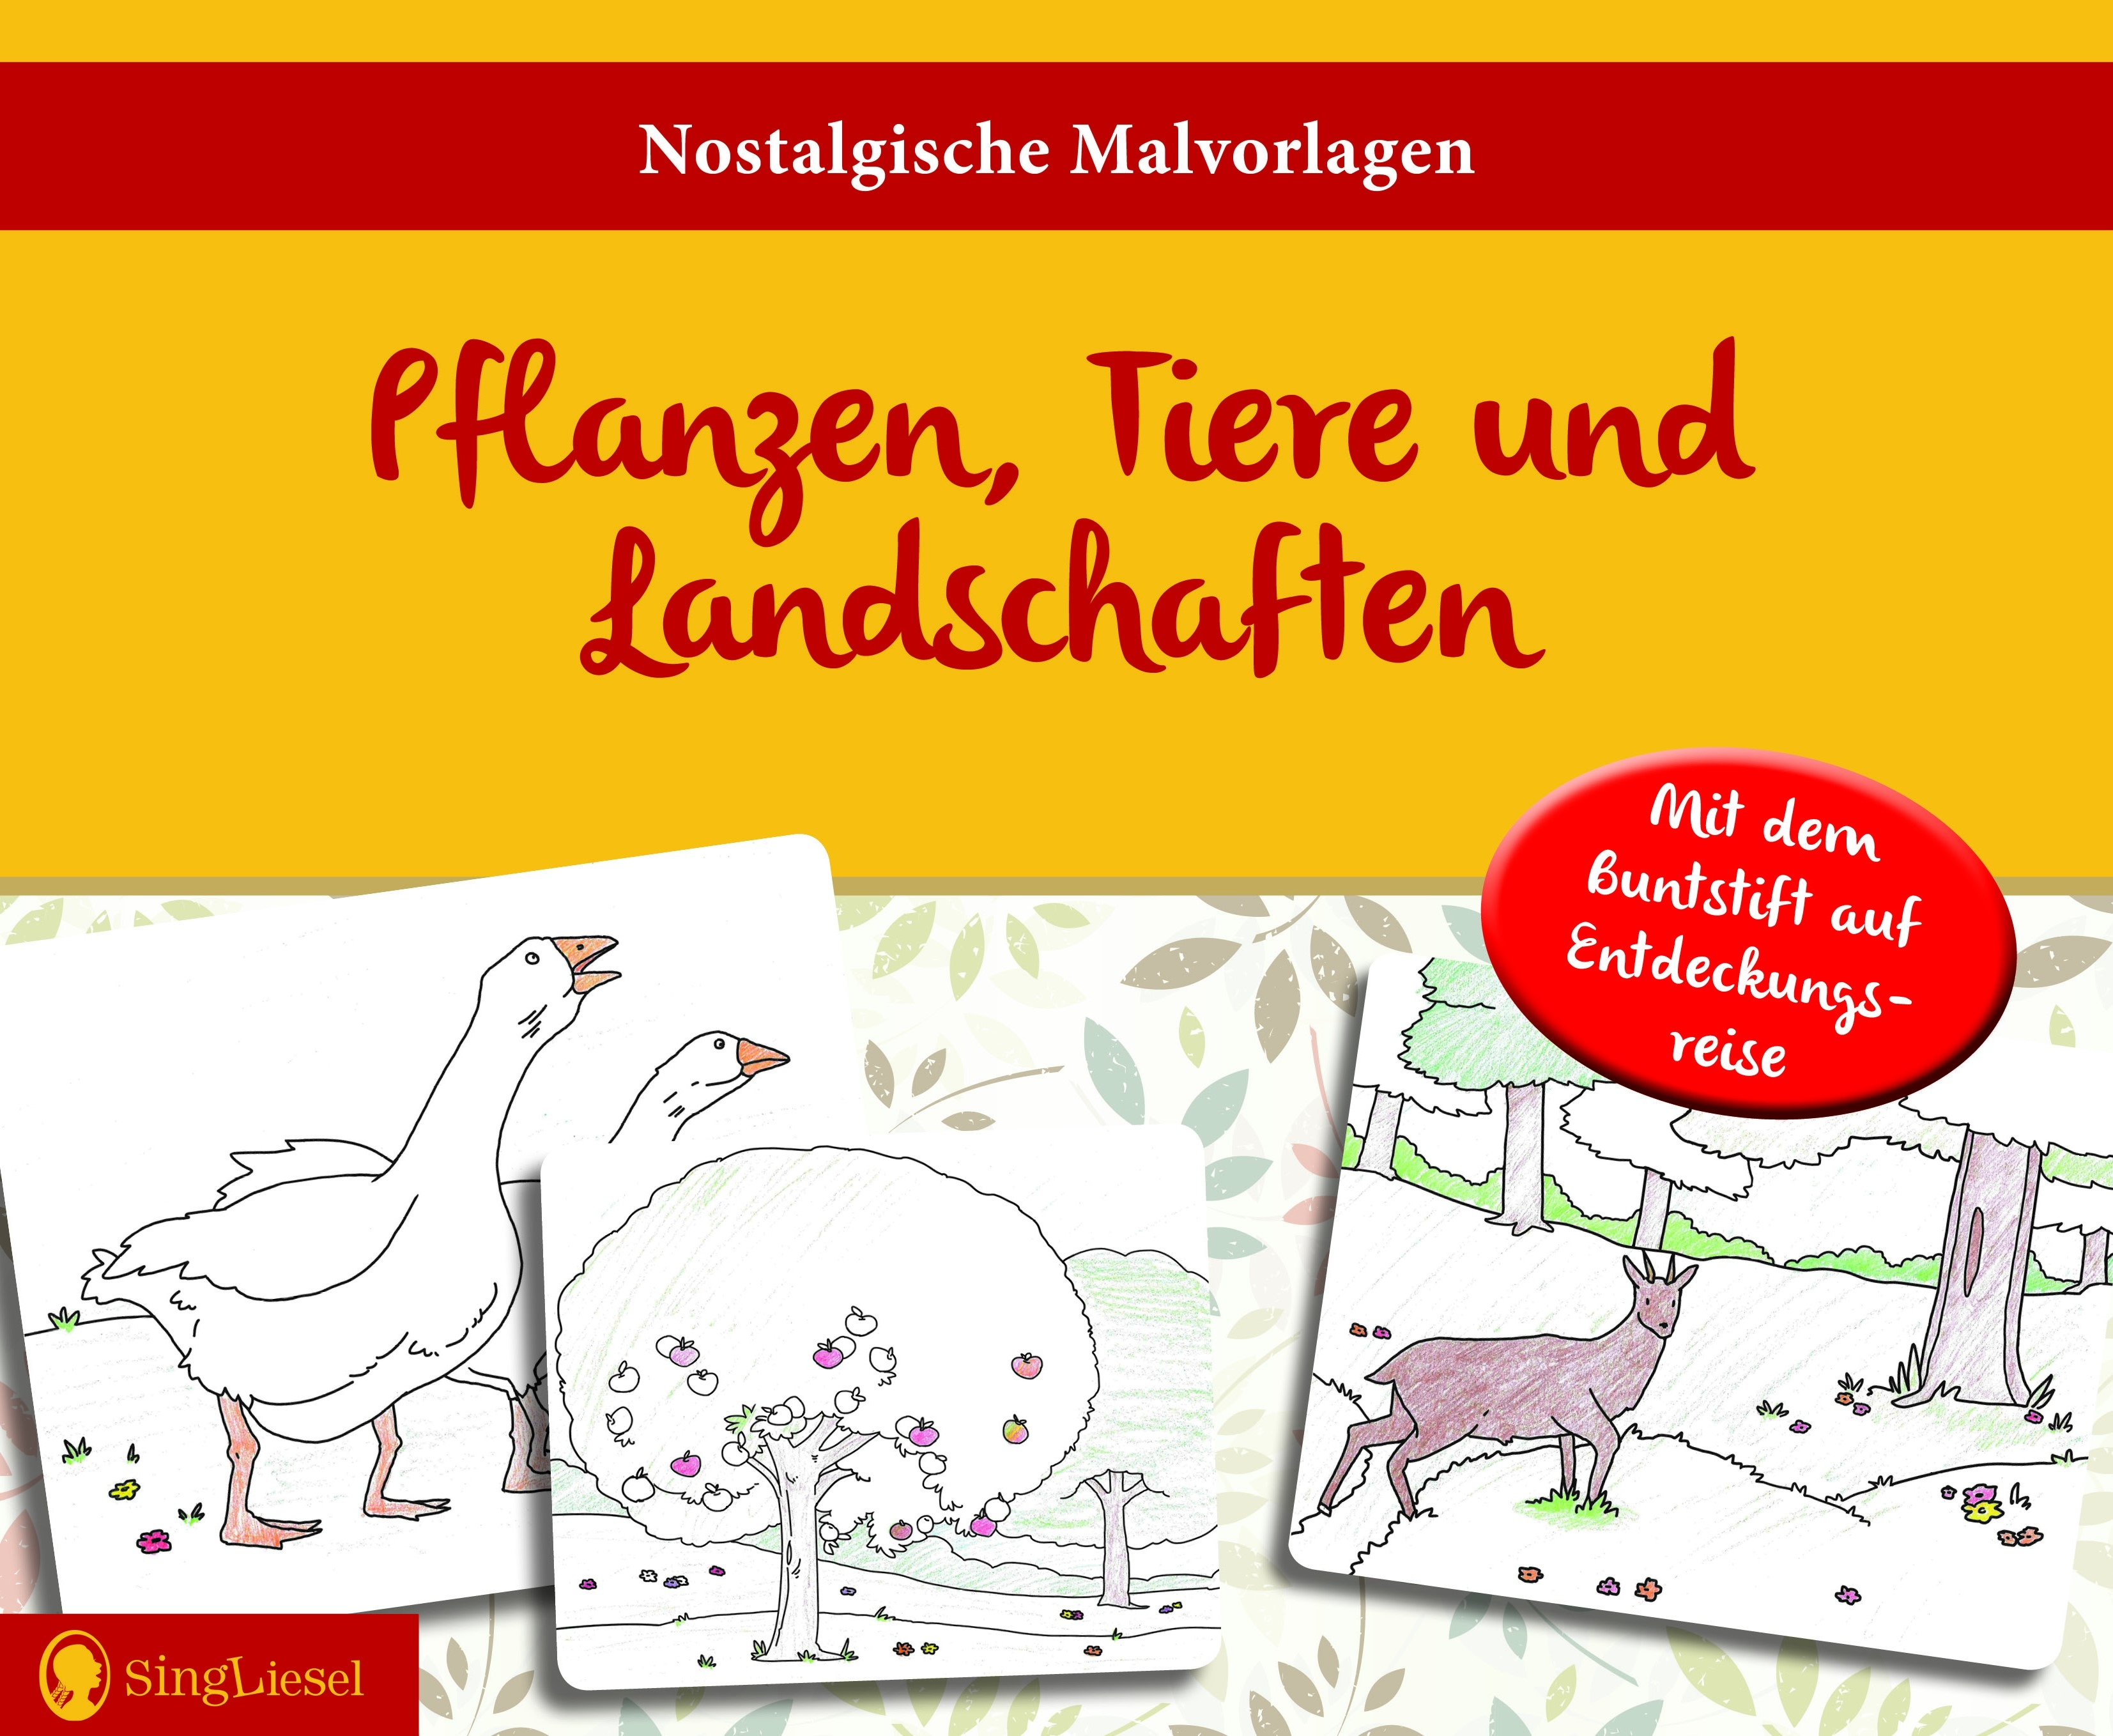 Groß Malvorlagen Für Grundkurse Bilder - Malvorlagen Von Tieren ...